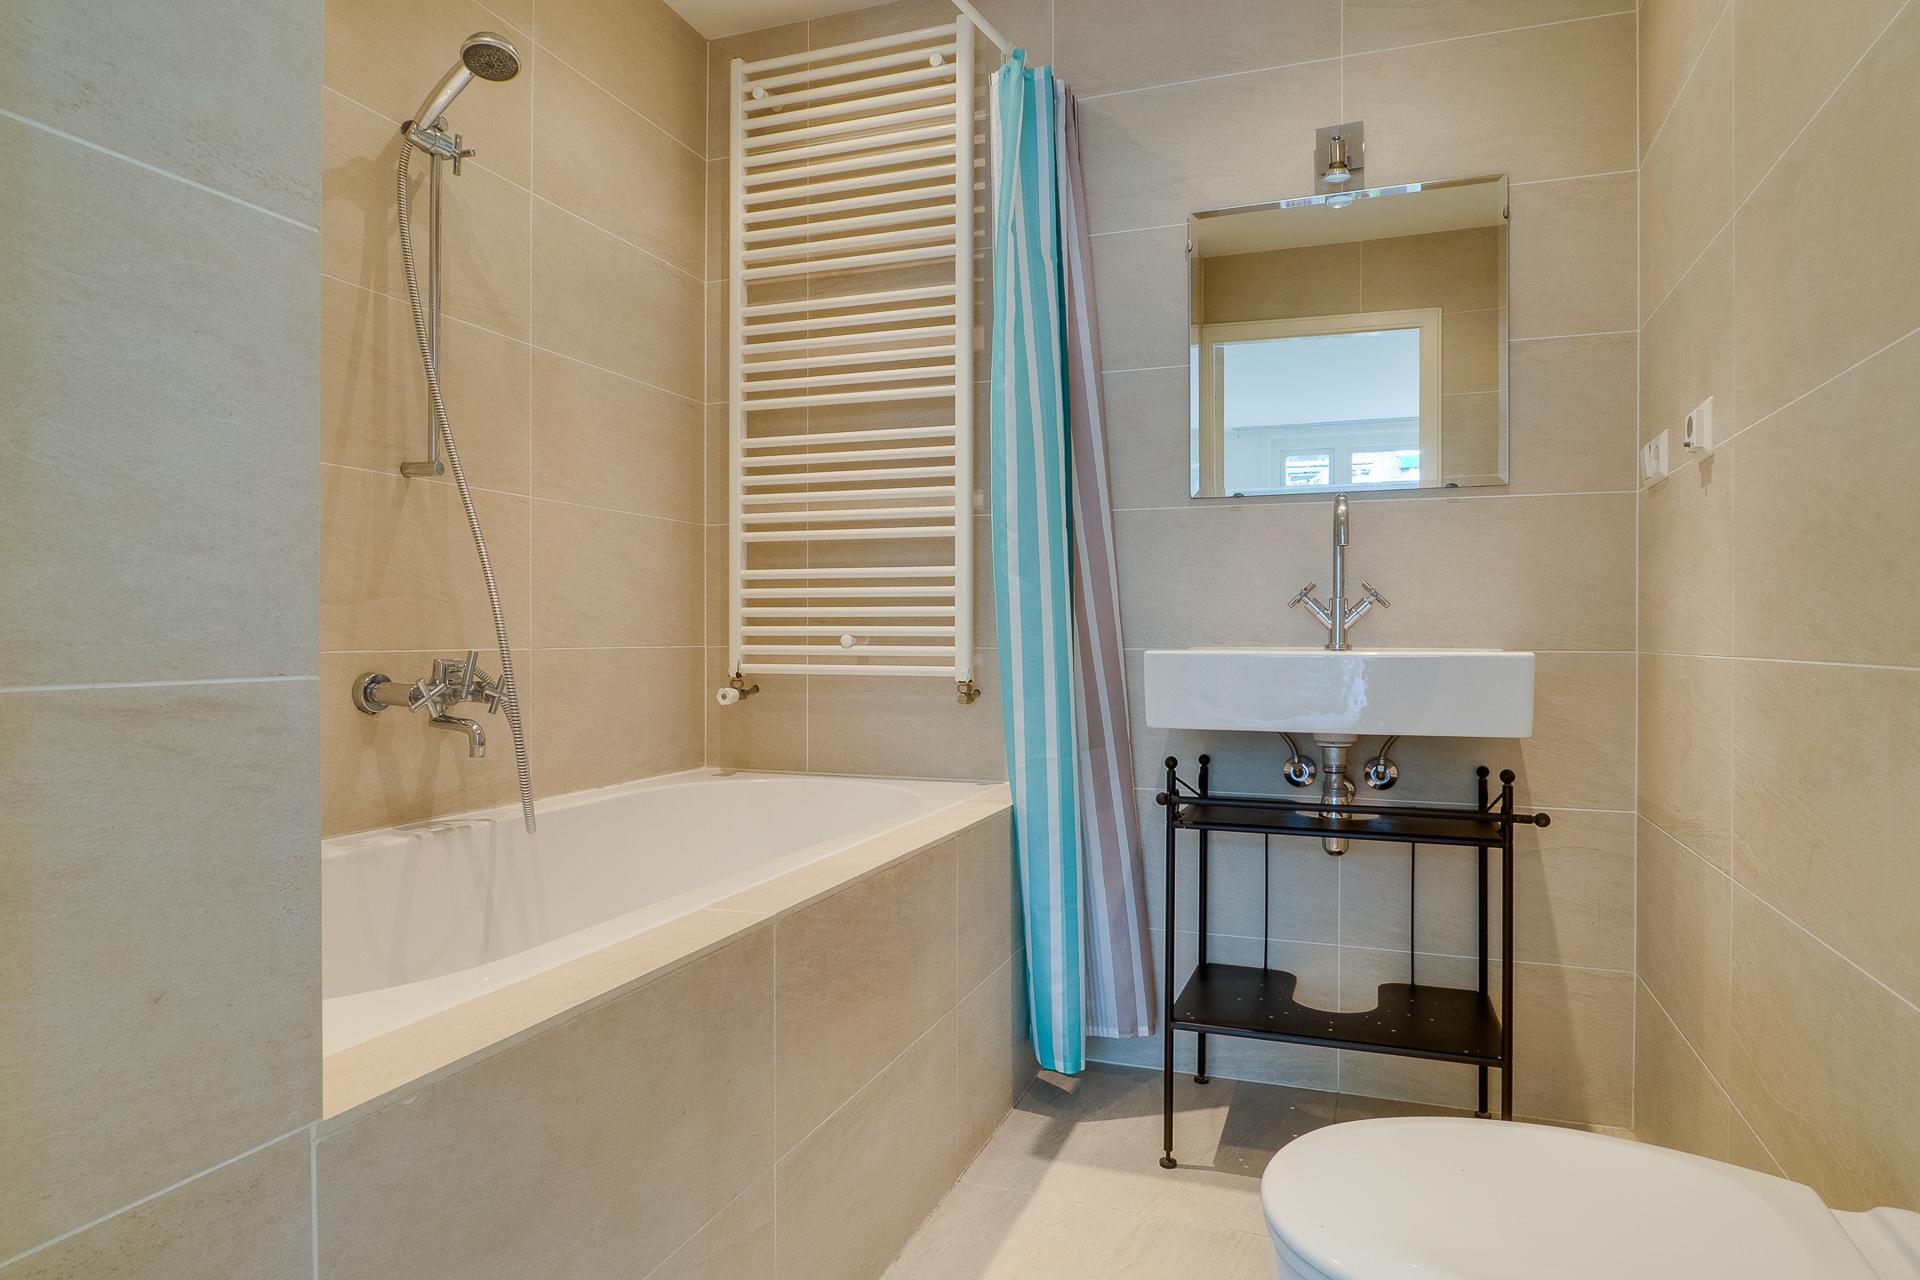 Маленькая ванная комната 4 кв.м: в чем преимущество небольшой площади (57 фото)